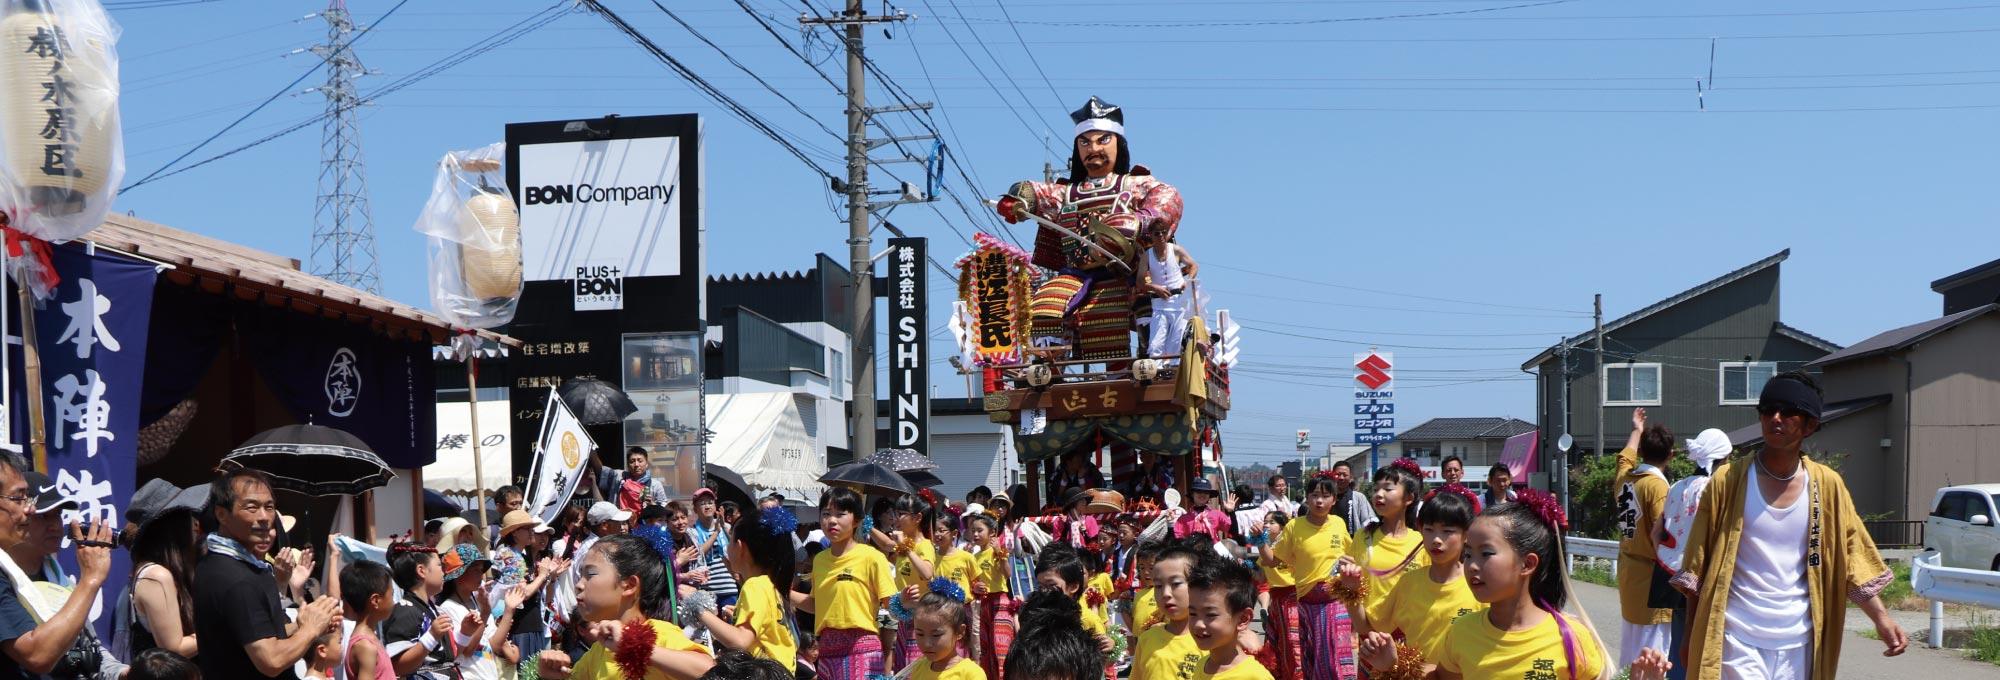 金津祭では山車と子ども踊りが町内を練り歩きます